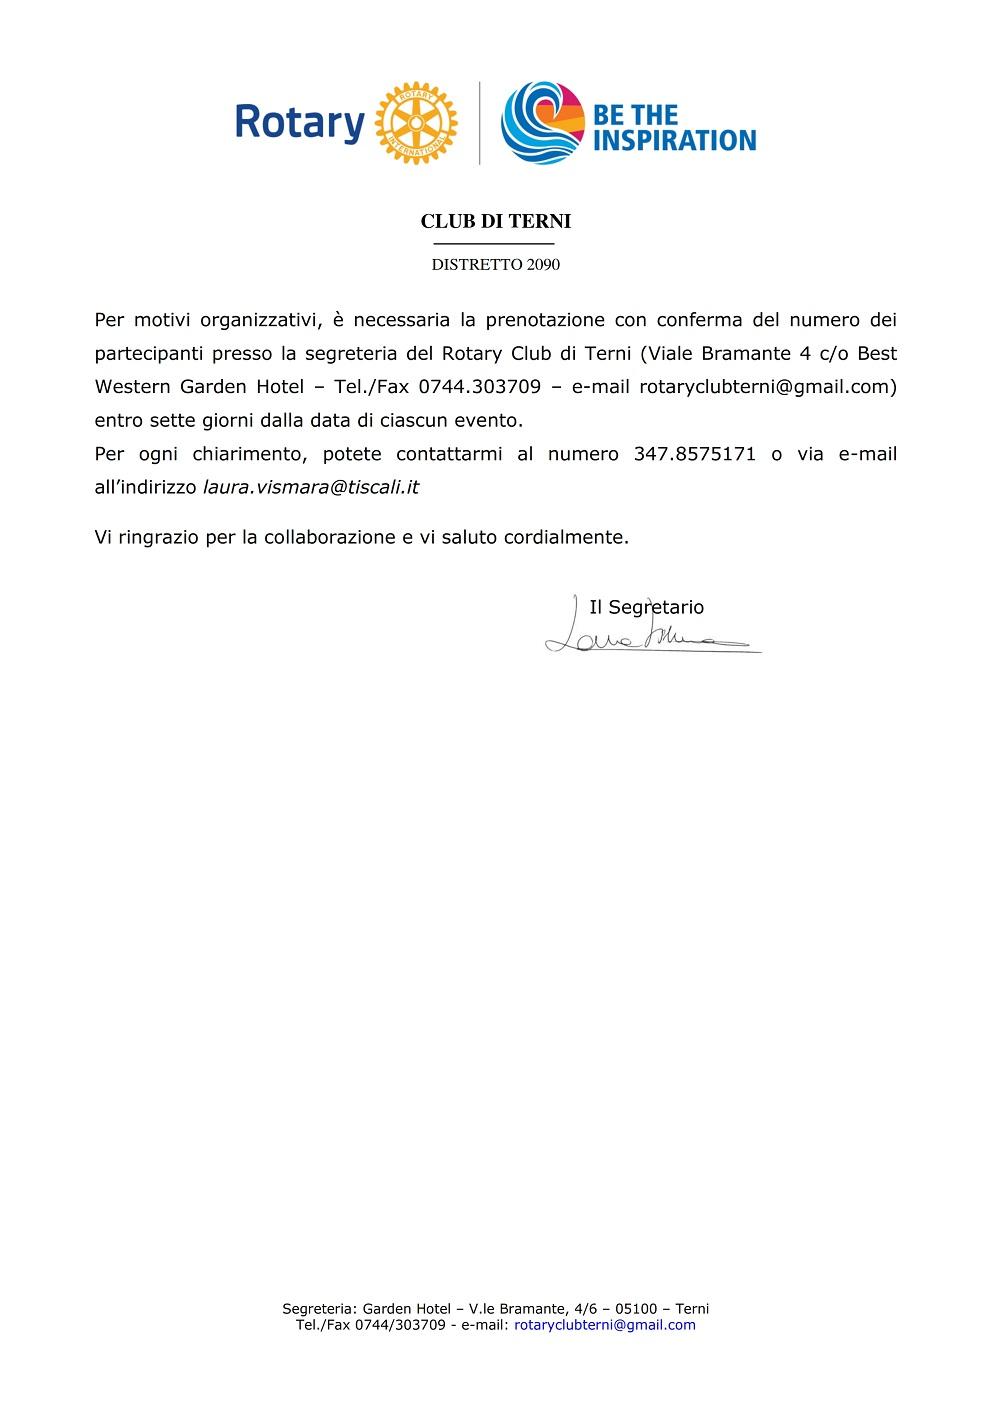 2018_12-RC Terni-Programma Dicembre 2018 (002)_002